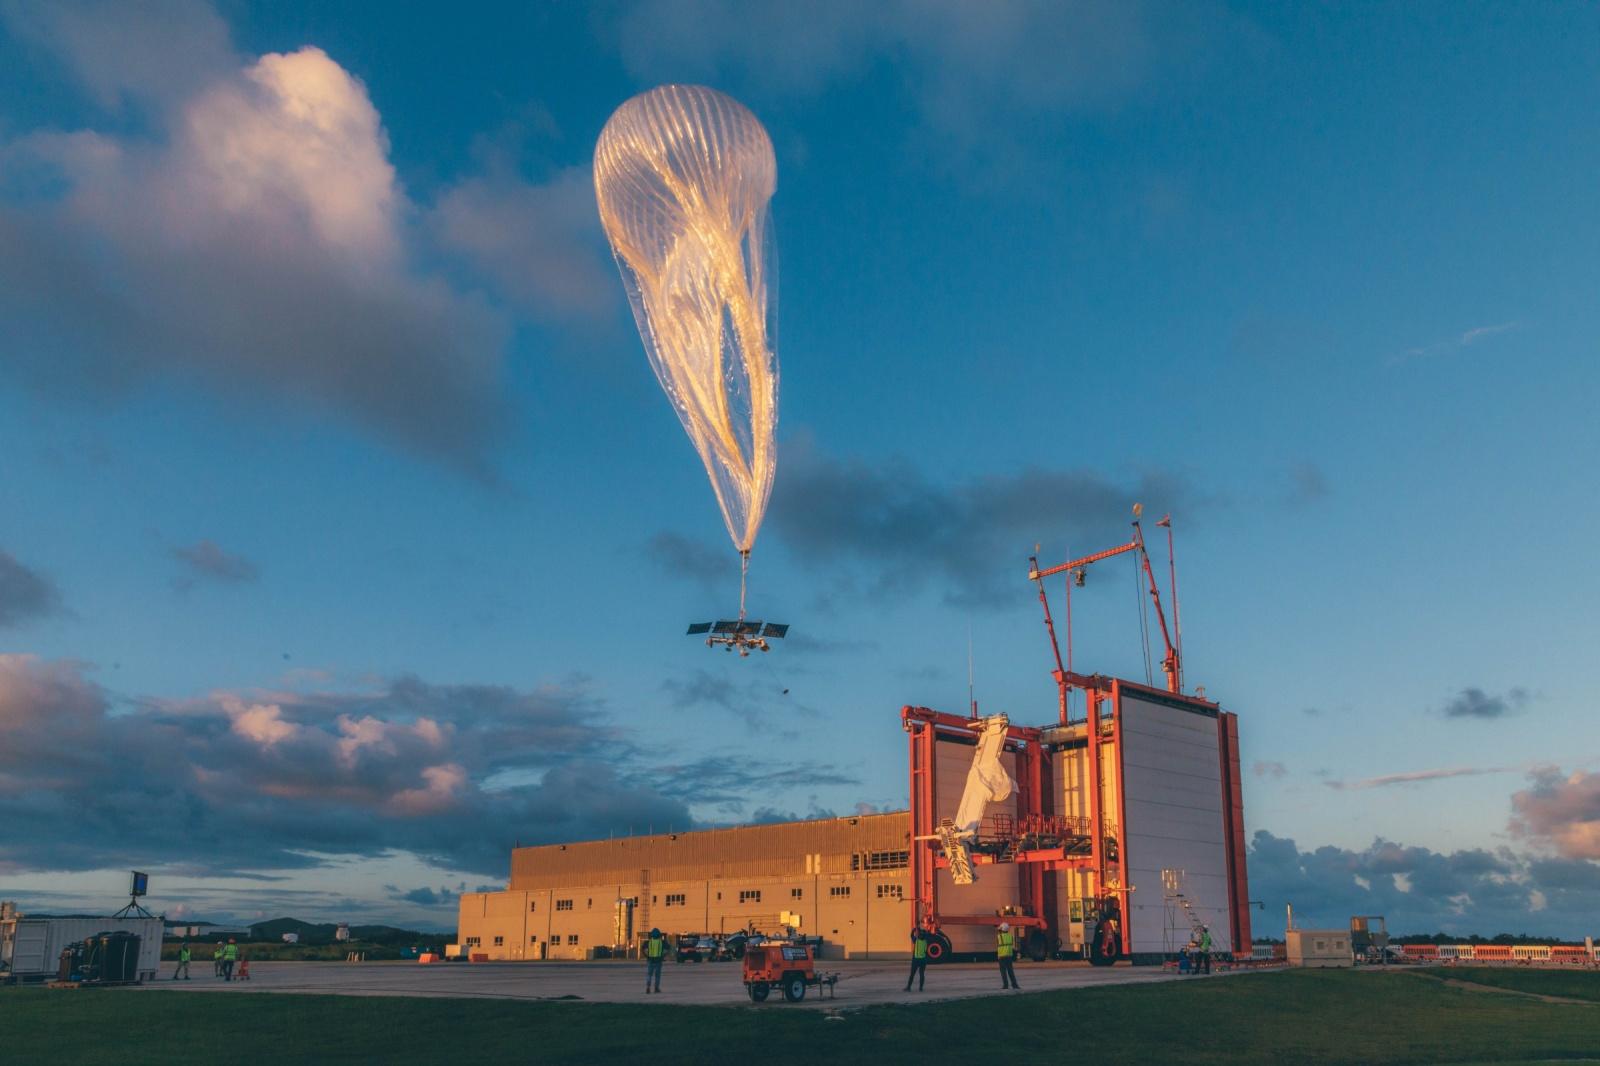 Проект Project Loon по раздаче интернета со стратосферных аэростатов закрыт, но идея продолжает жить - 1